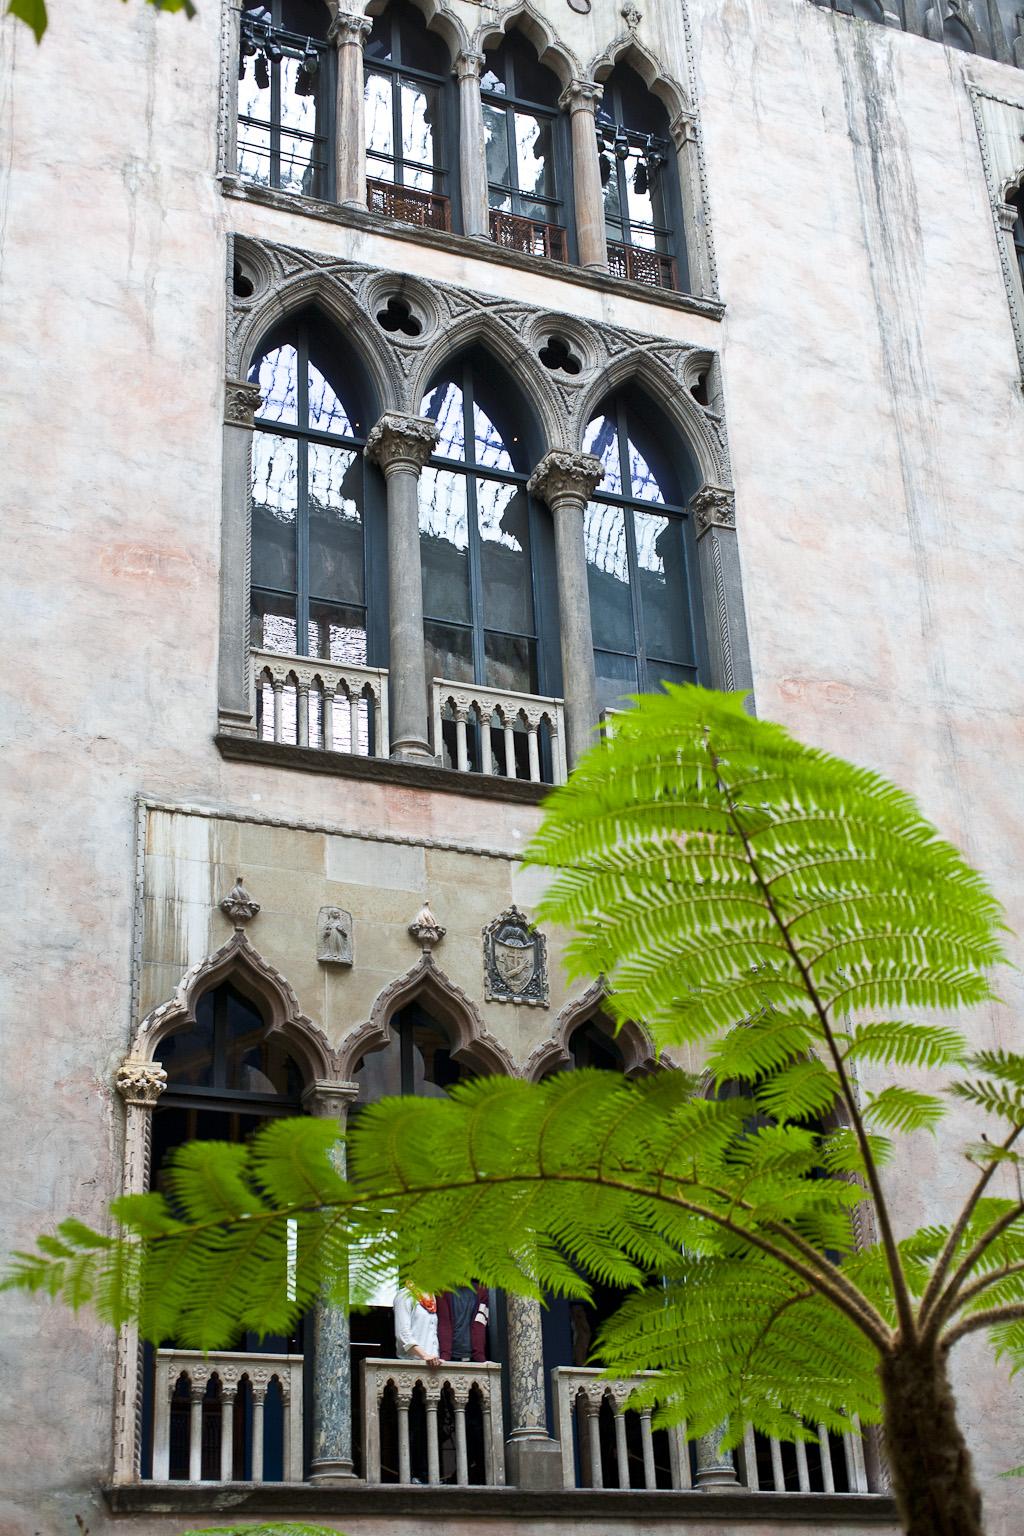 At the Gardner: The Isabella Stewart Gardner Museum